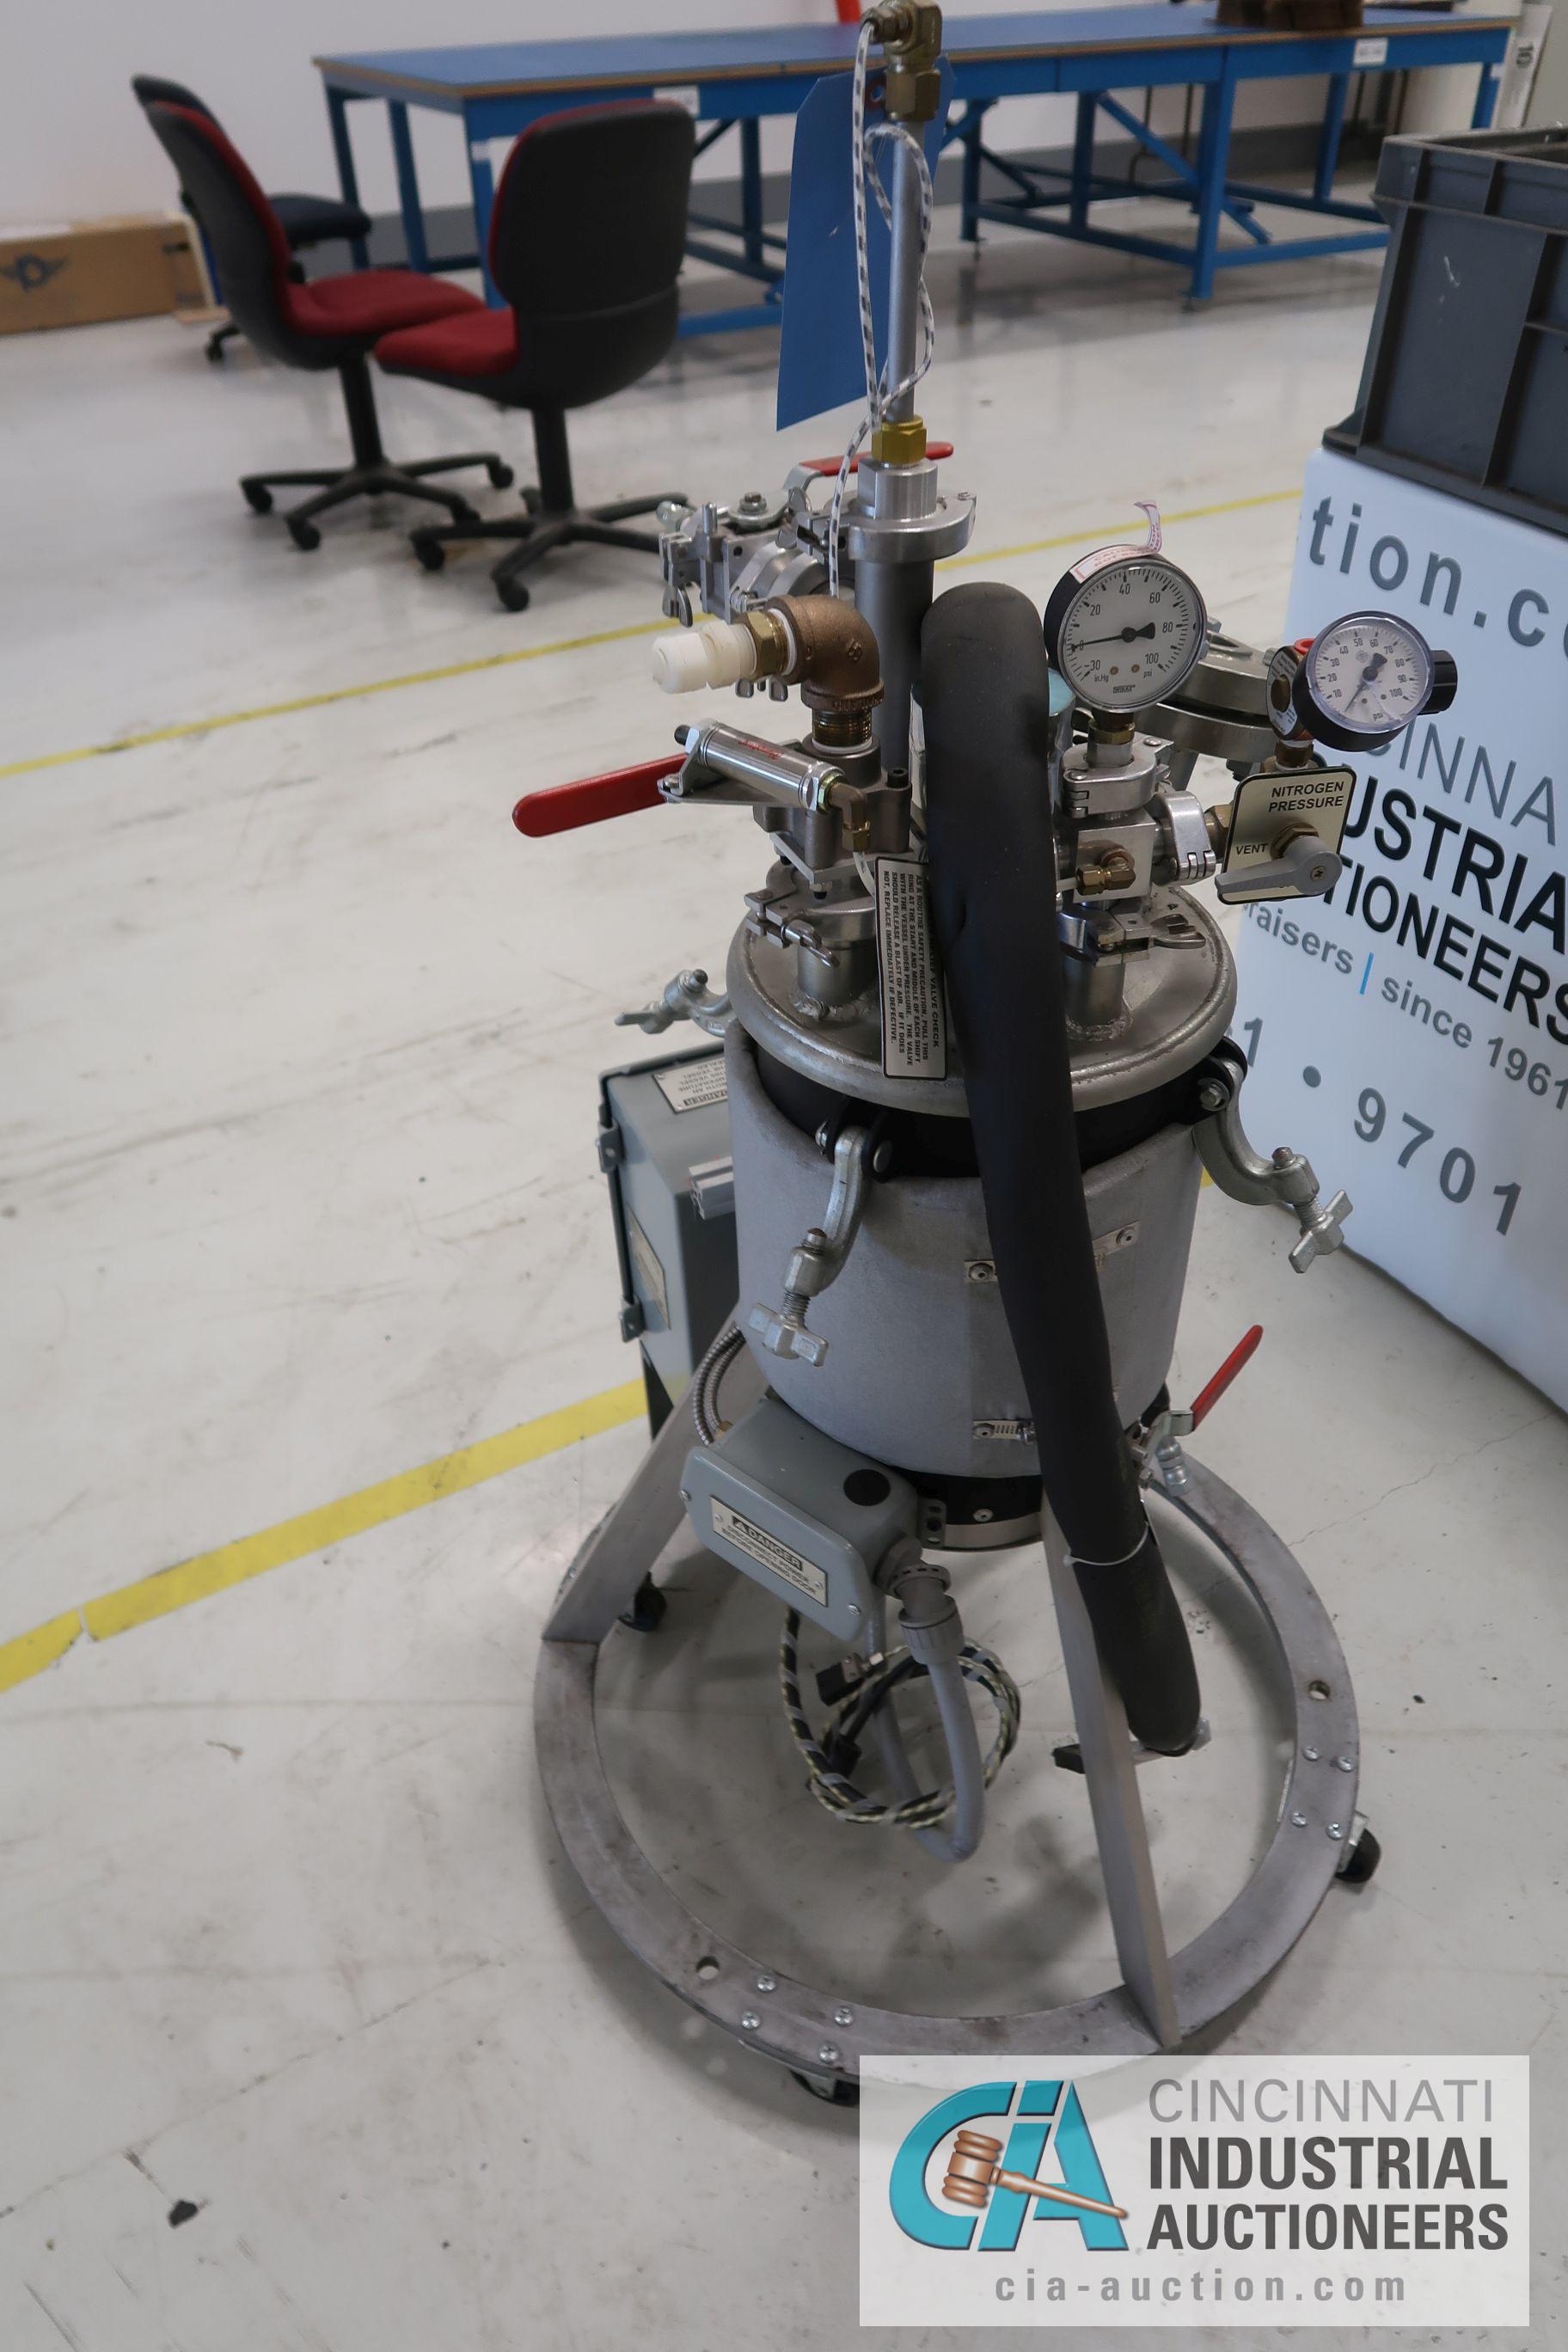 2.5 GALLON APT MODEL NO. 4500 RTM UNIT; S/N T-3110 (1/5/09) - Image 3 of 5